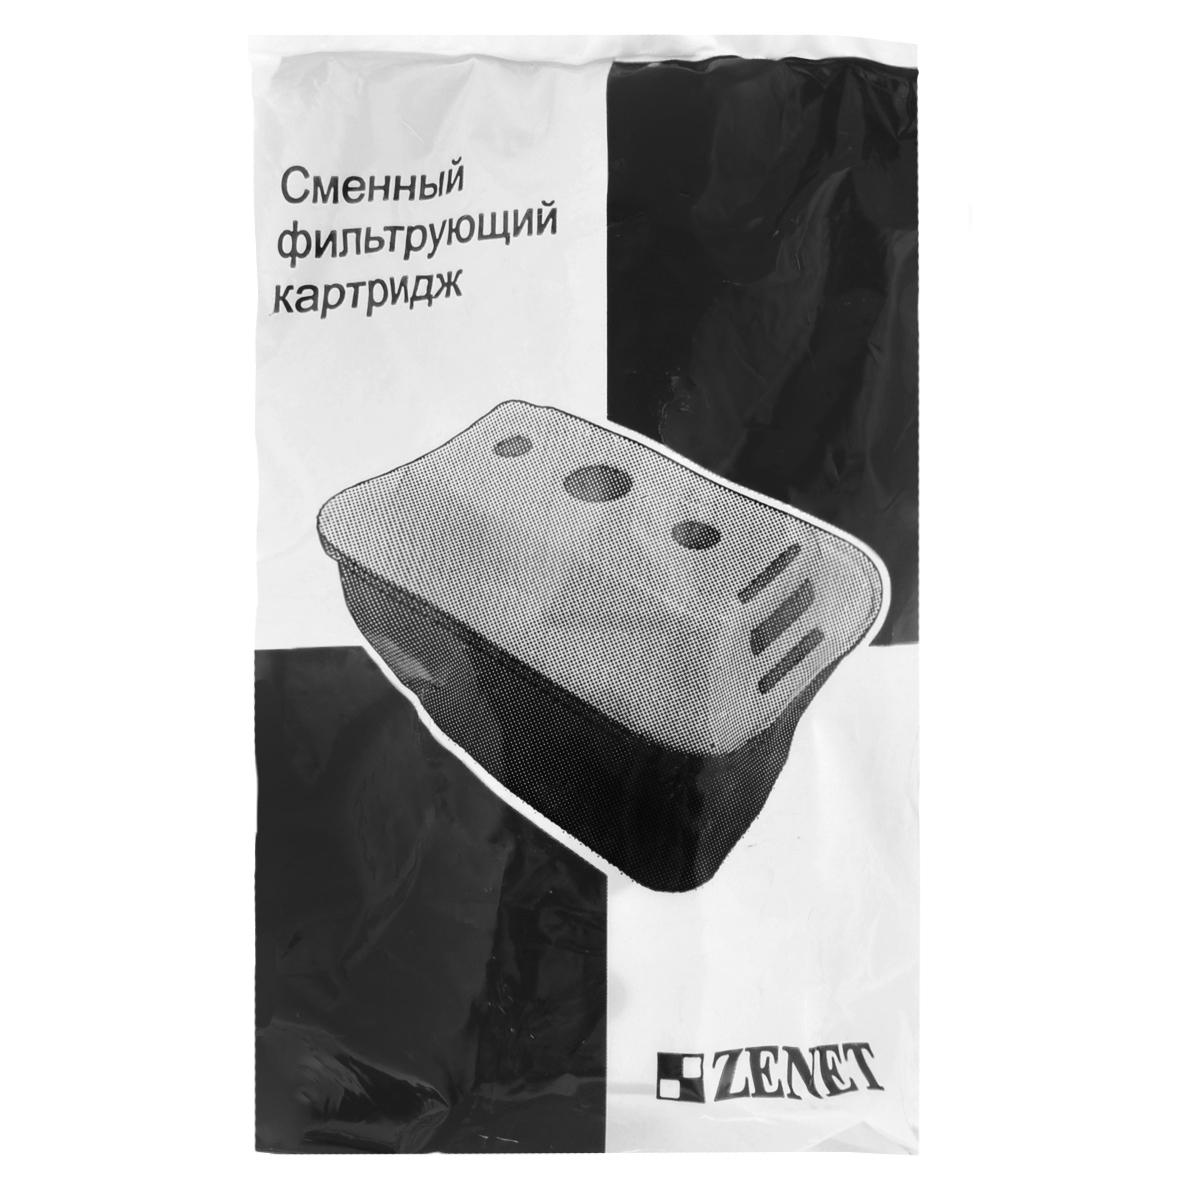 Картридж для фильтра-кувшина Zenet, сменный4630003364517Сменный картридж для кувшина Zenet, изготовлен из уникальных сорбционных материалов марки Zenet и задерживает вредные добавки и химические соединения, удаляет хлор, фенол, тяжелые металлы, пестициды. В состав картриджа входит кокосовый активированный уголь высшей очистки, который используется для очистки питьевой воды, удаления хлора и остаточных окислителей. Для фильтрации воды поместите картридж-фильтр в фильтр-кувшин и профильтруйте воду не менее двух раз, сливая воду в раковину.Ресурс картриджа: 300 литров.